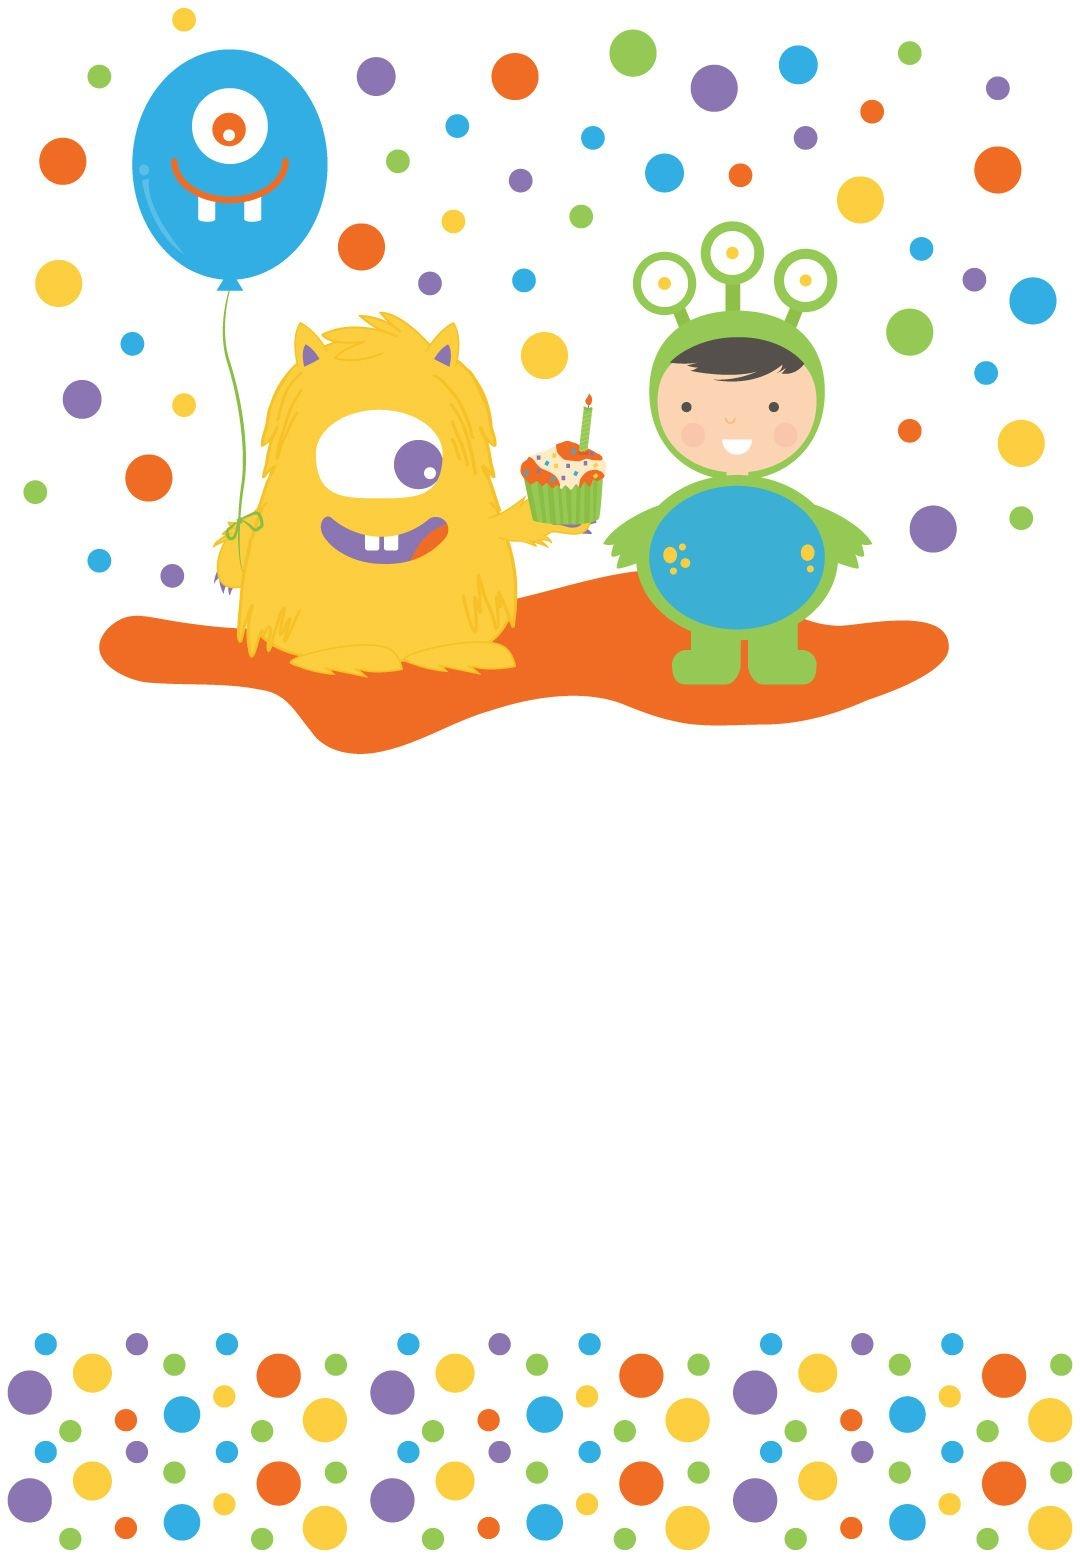 Monster Bash - Free Printable Birthday Invitation Template - Free Printable Monster Templates